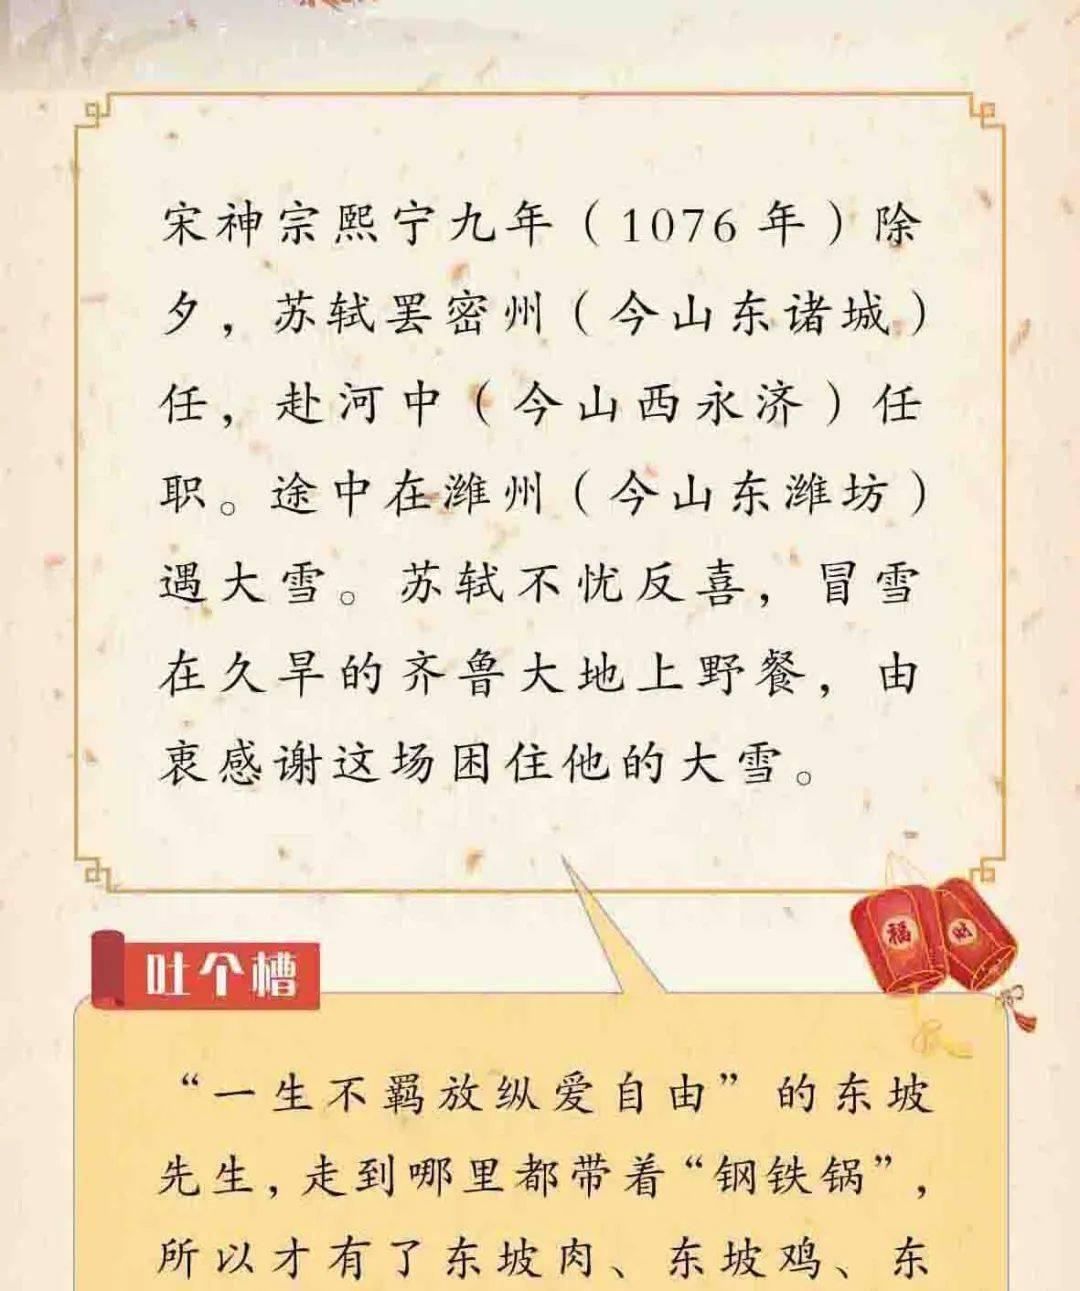 长图丨就地过年,古代诗人秀出新花样  第16张